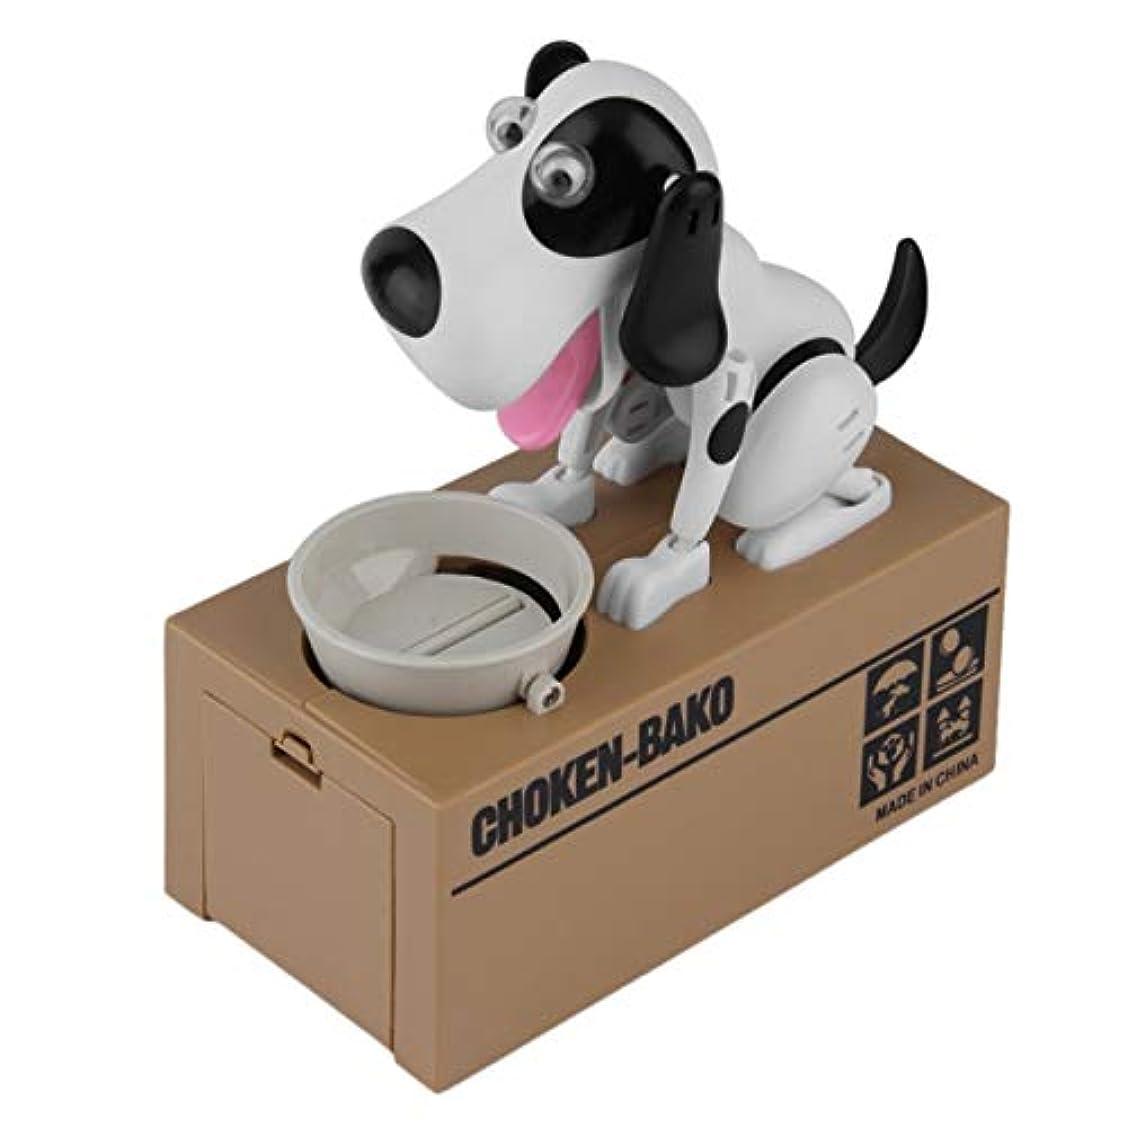 権利を与える検証アイデアSaikogoods 耐久性に優れたロボット犬貯金箱自動コインマネーバンクかわいい犬モデルマネーバンクマネーセービングボックスコインボックスを盗みました 黒+白